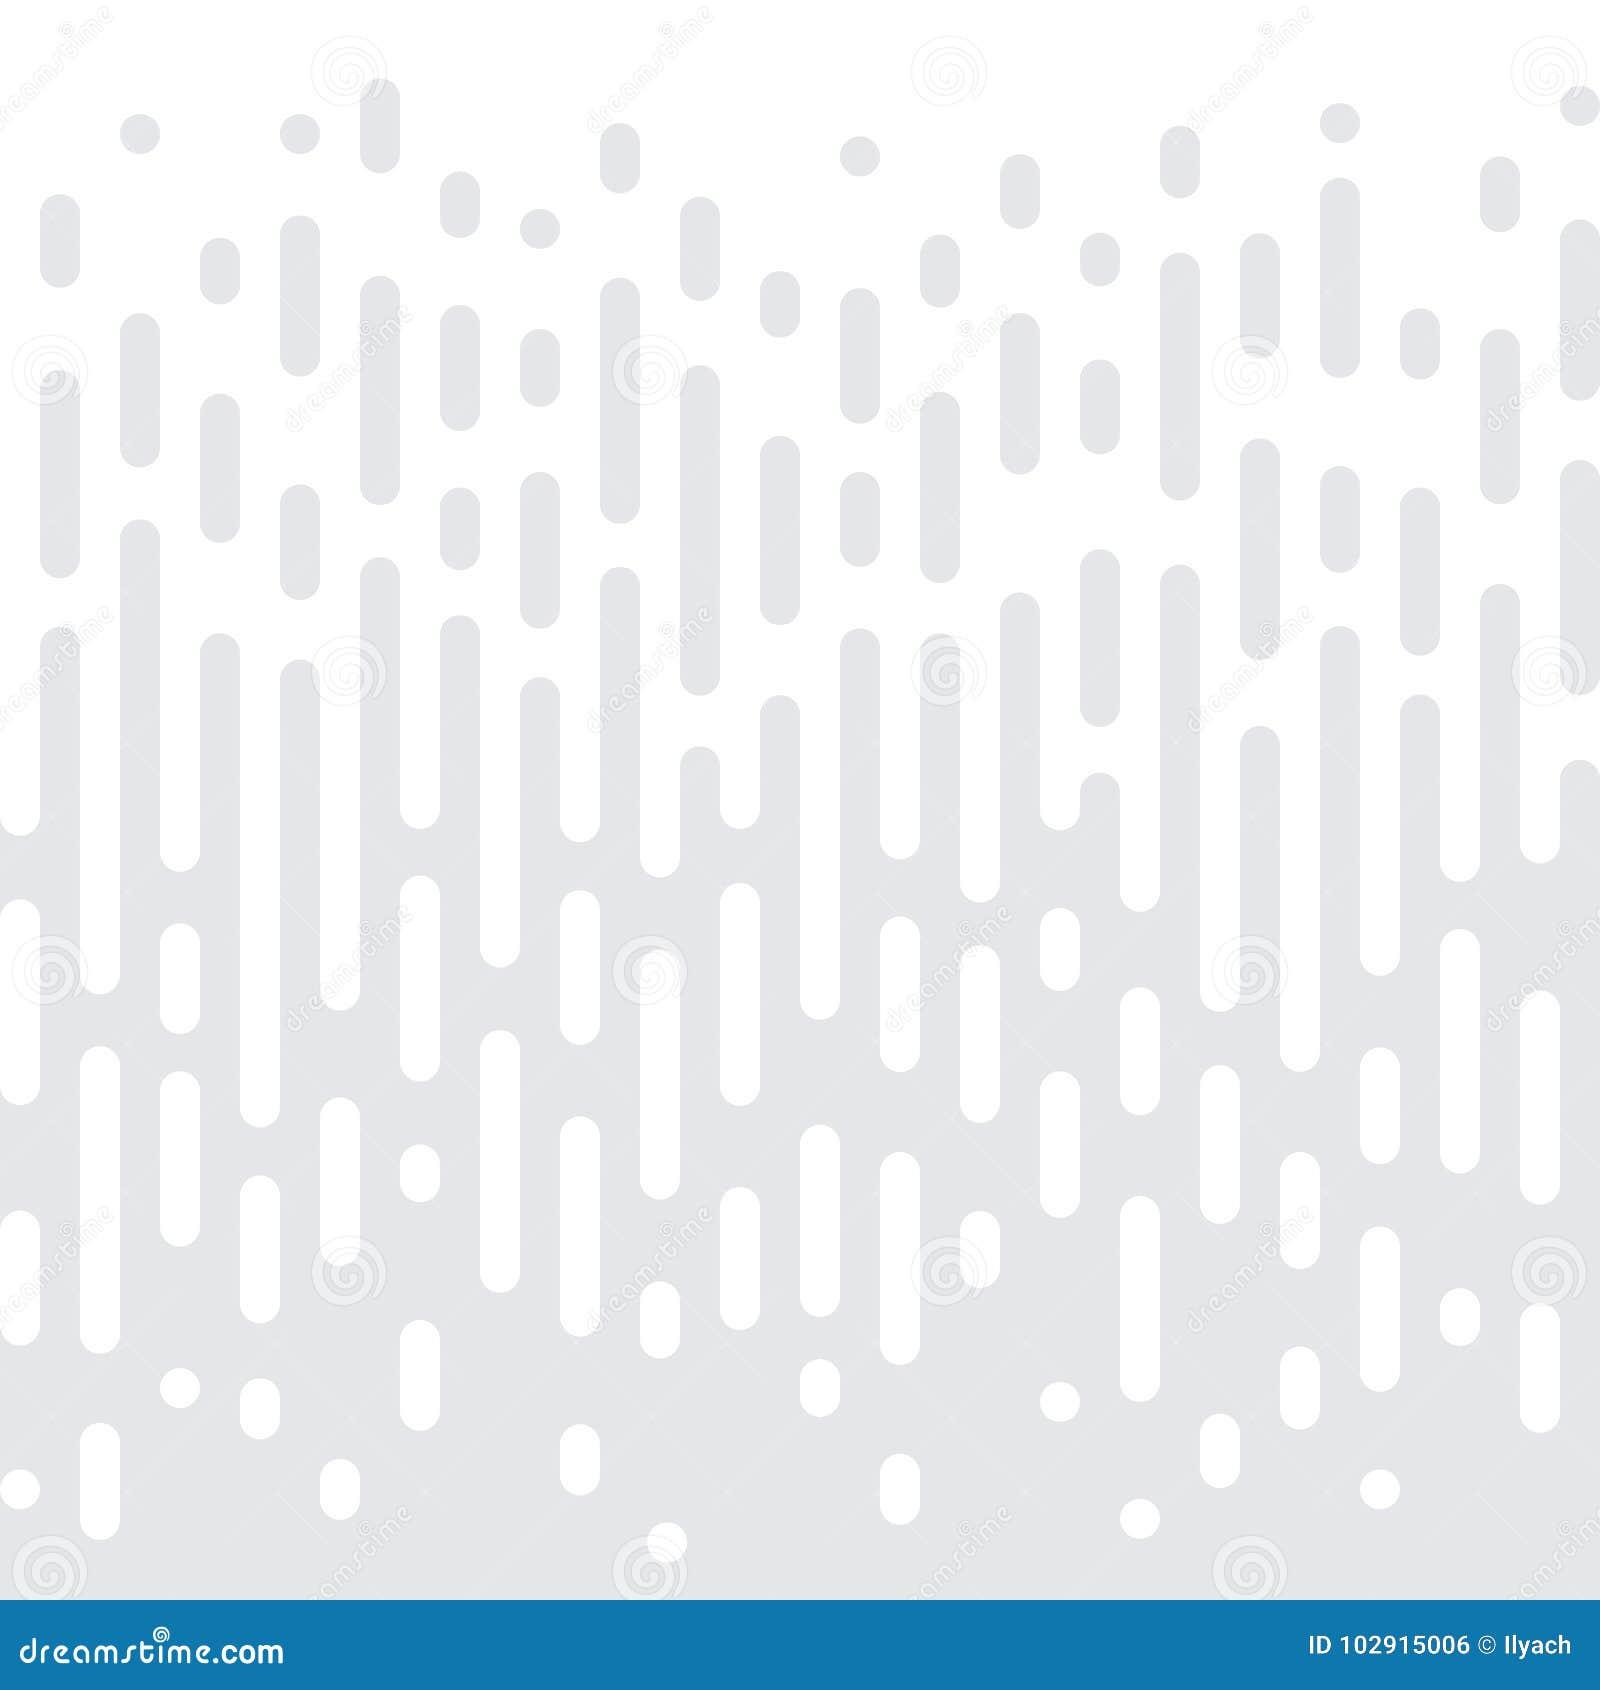 Αφηρημένο γεωμετρικό ημίτονο άνευ ραφής υπόβαθρο σύστασης κλίσης σχεδίων διανυσματικό άσπρο ελάχιστο